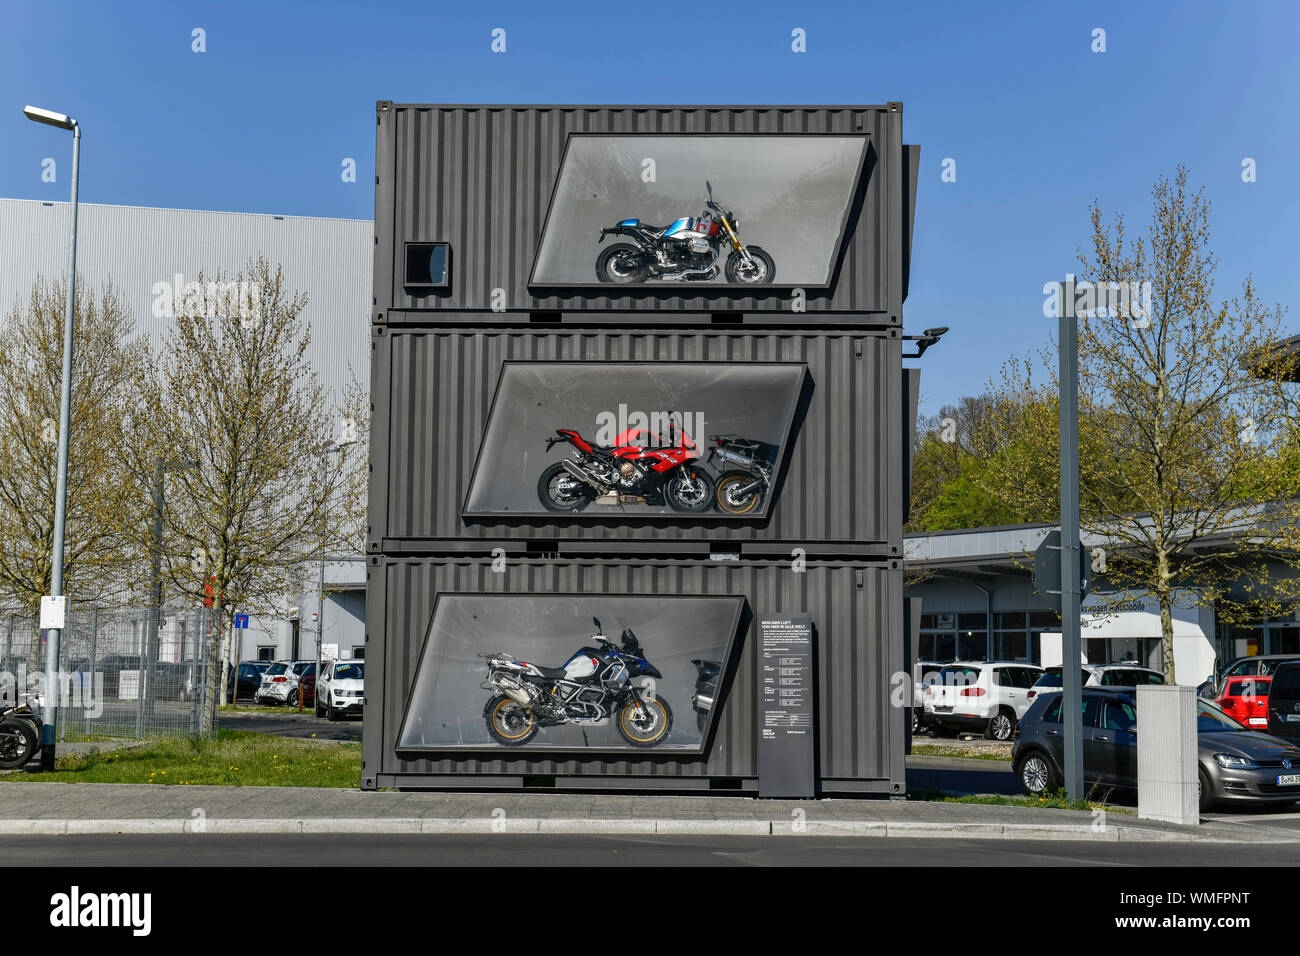 Schau-Container, BMW Motorradwerk, Am Juliusturm, Spandau, Berlin, Deutschland Stock Photo